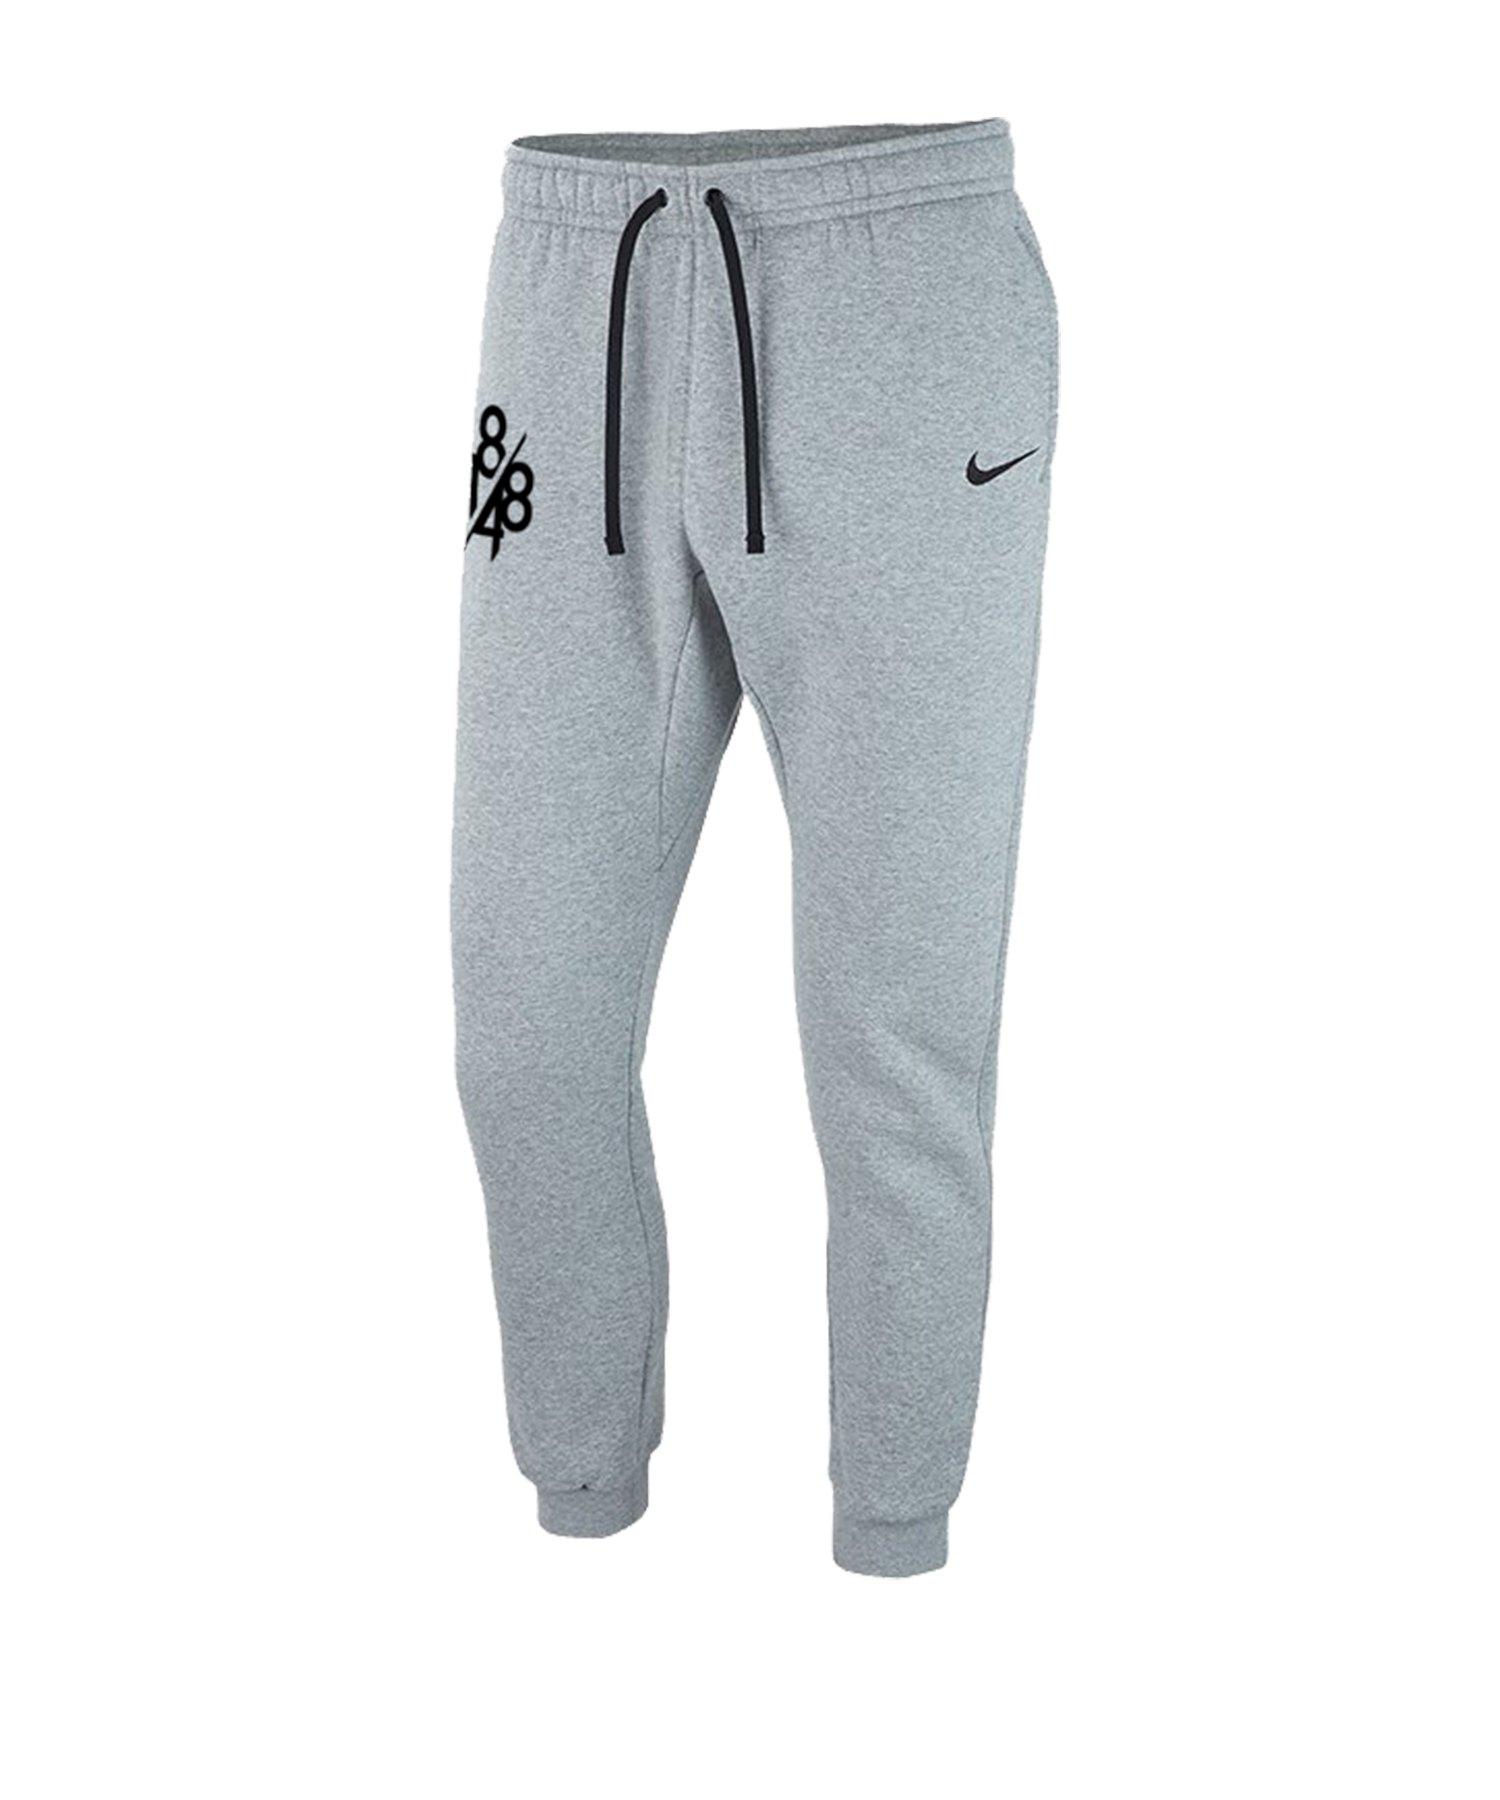 Nike VfL Bochum Jogginghose Kids Grau F063 - grau